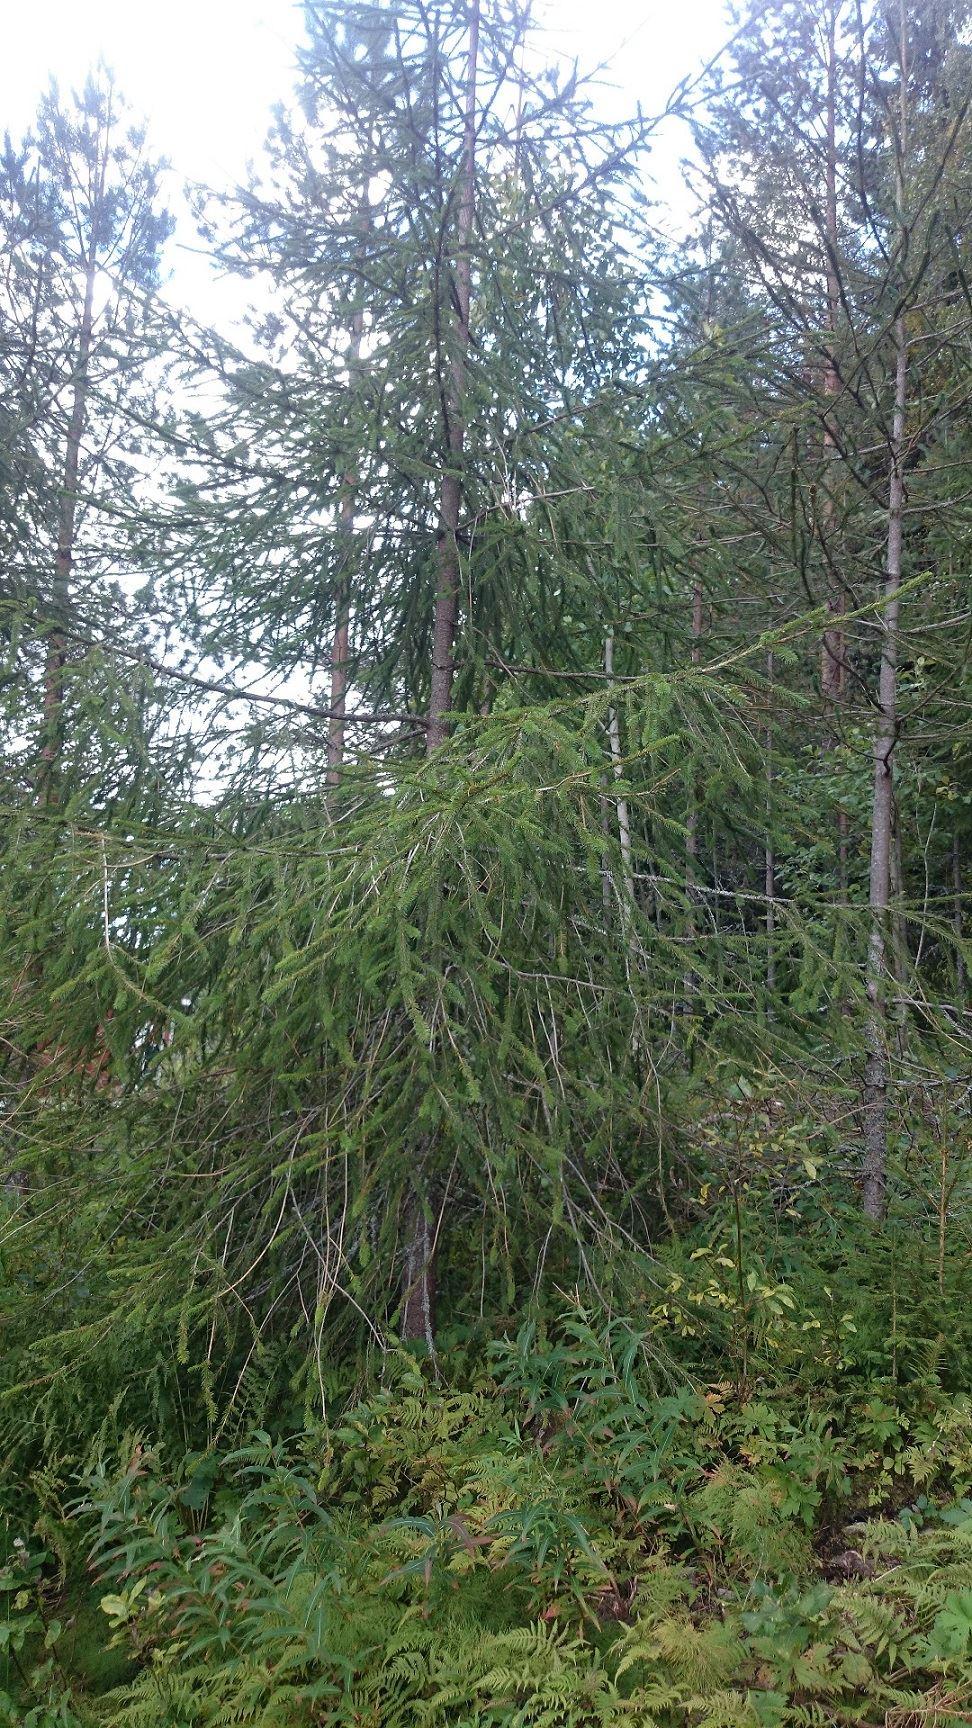 Fern spruces in Hornberga